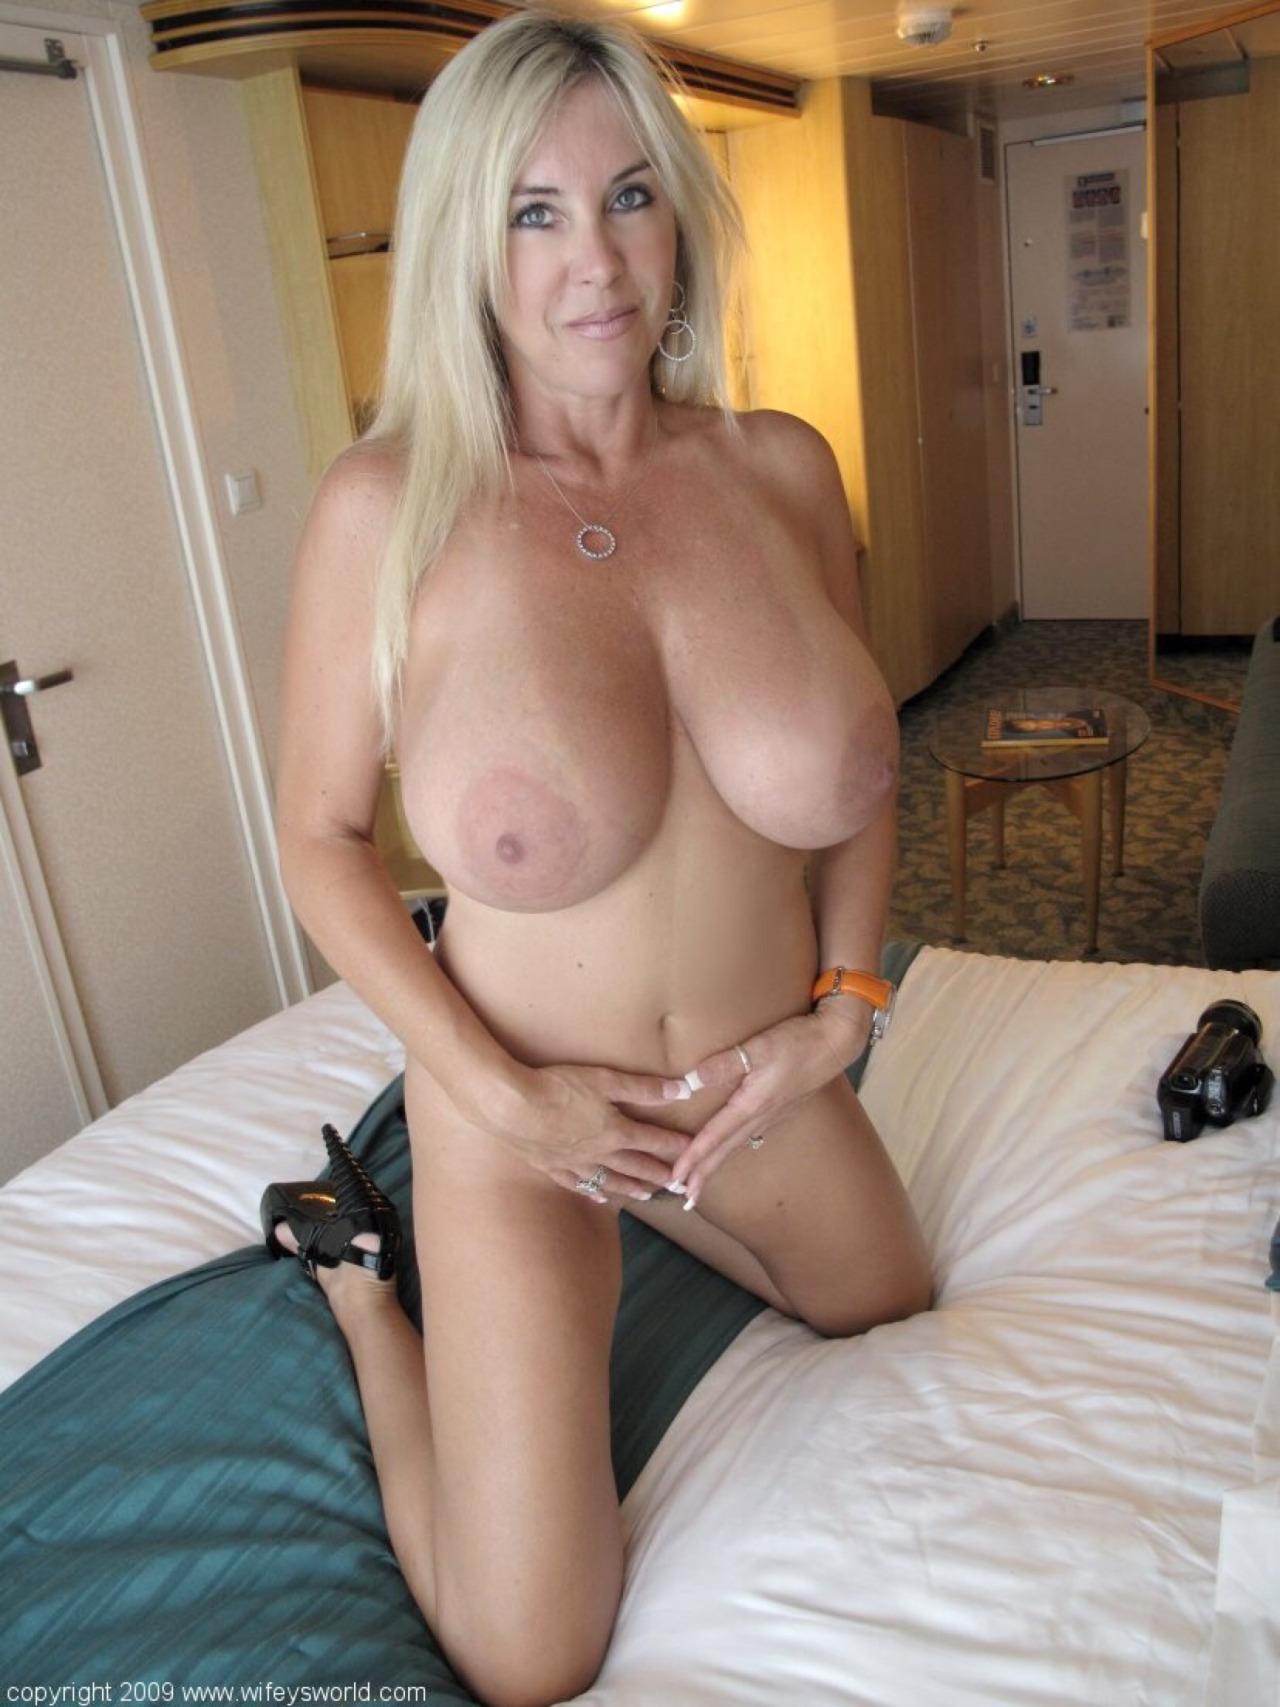 Wifey nudes xxx scene